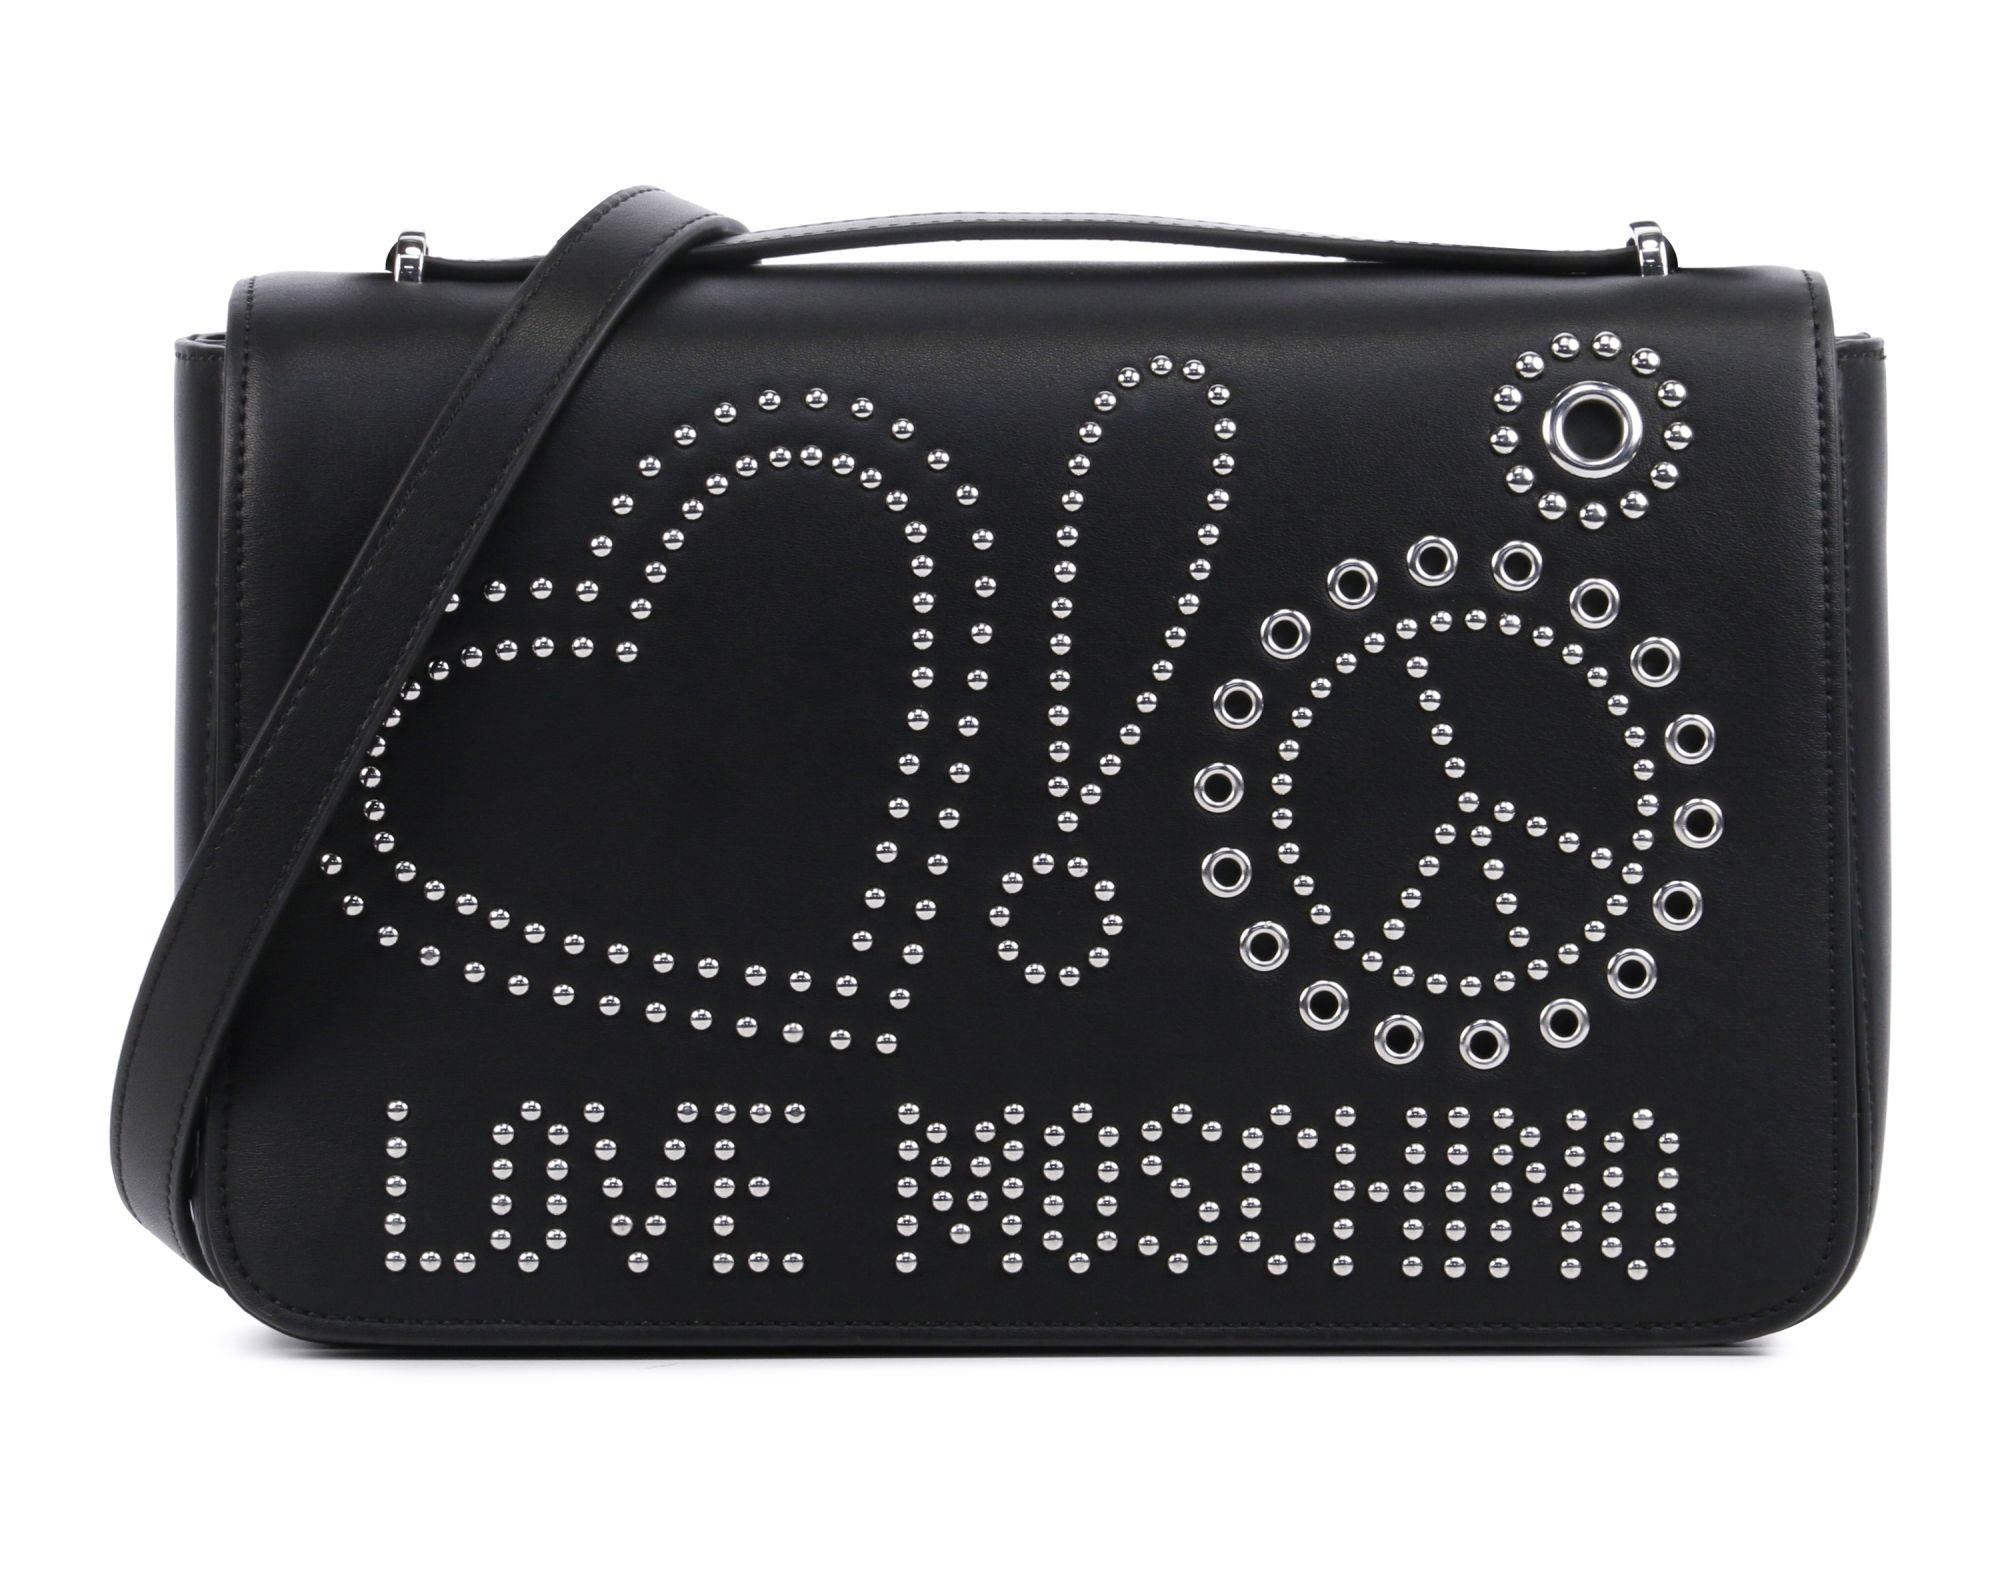 Online Winkelen Klaring Outlet Locaties Love Moschino Schoudertassen Dames (Zwart) Opruiming Aanbiedingen Mode-stijl Te Koop Vinden Grote Verkoop Online c3ls2j